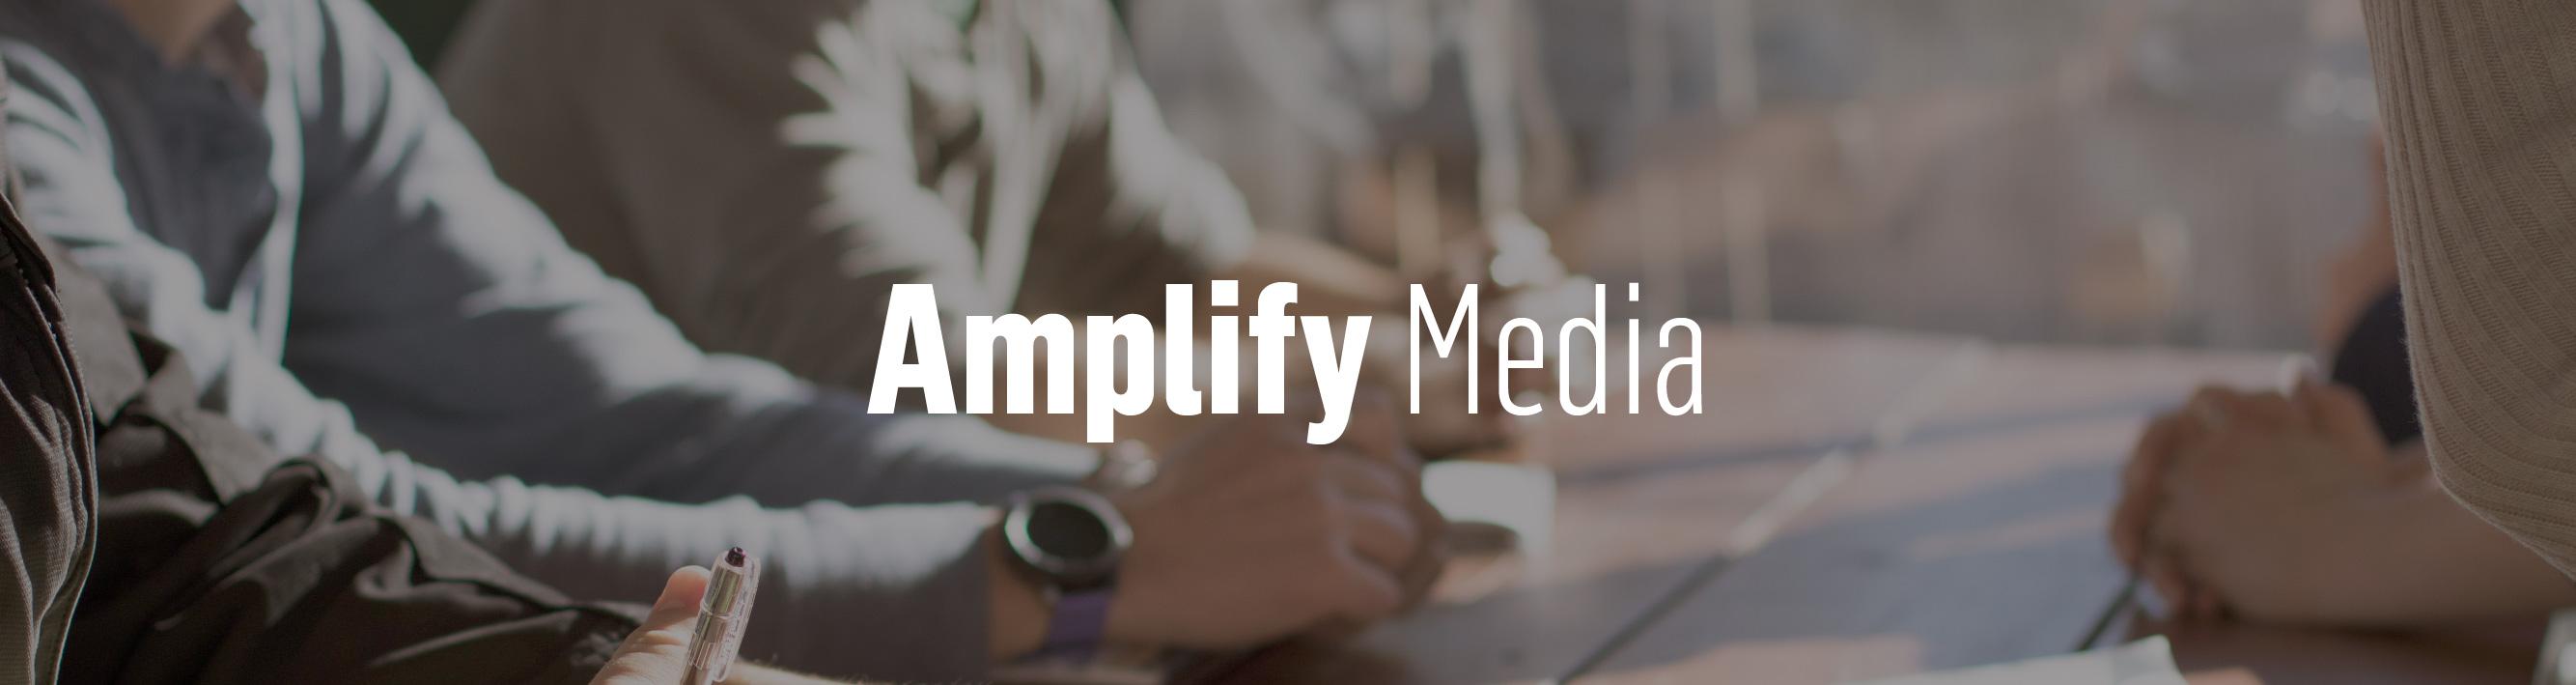 1280x340. Amplify Media Skinny